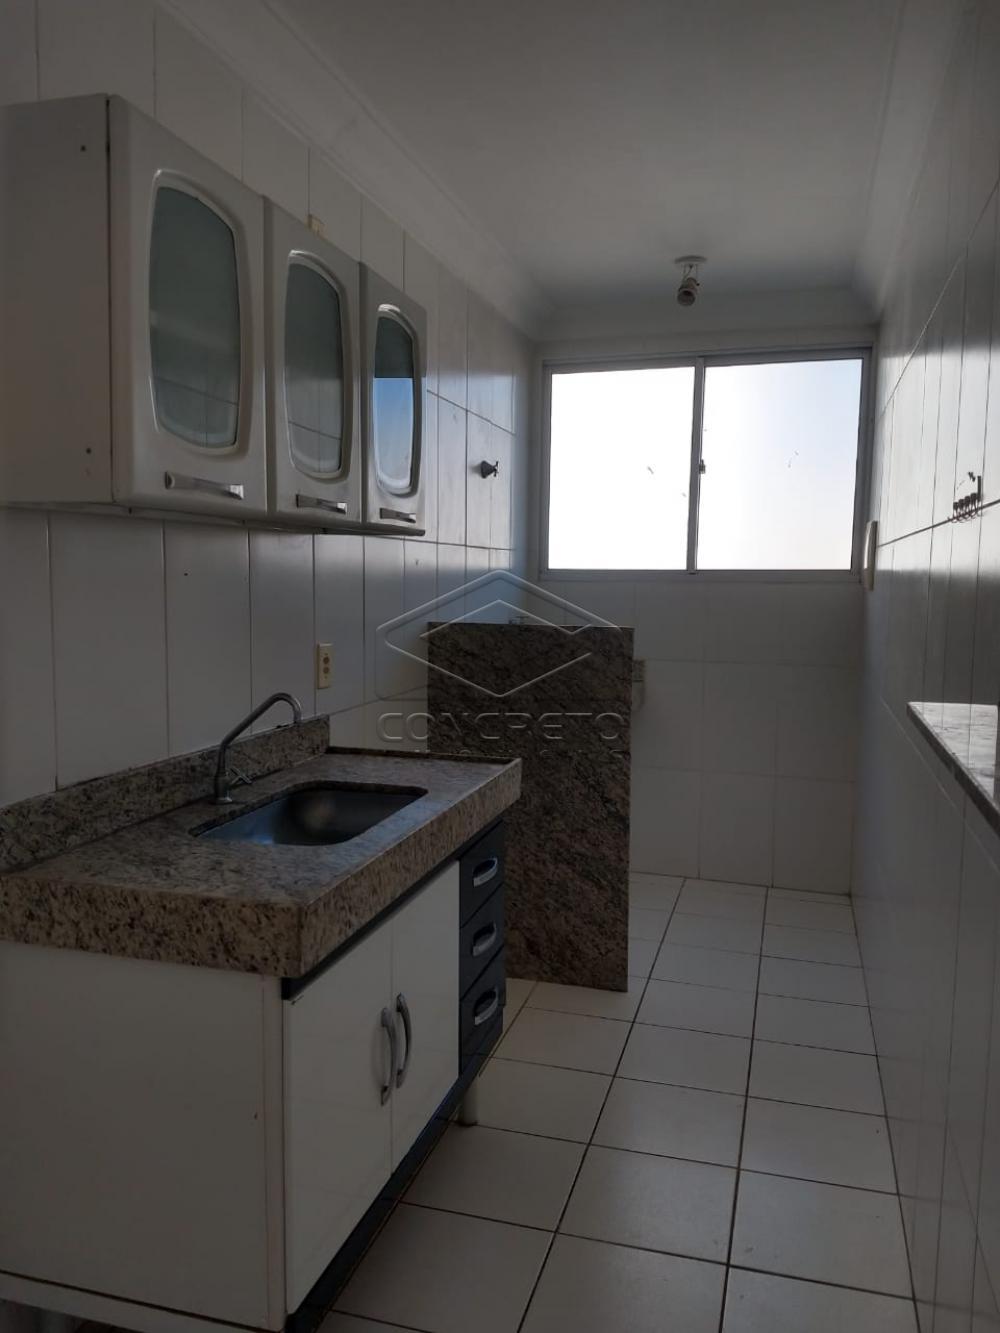 Comprar Apartamento / Padrão em Bauru R$ 228.000,00 - Foto 5